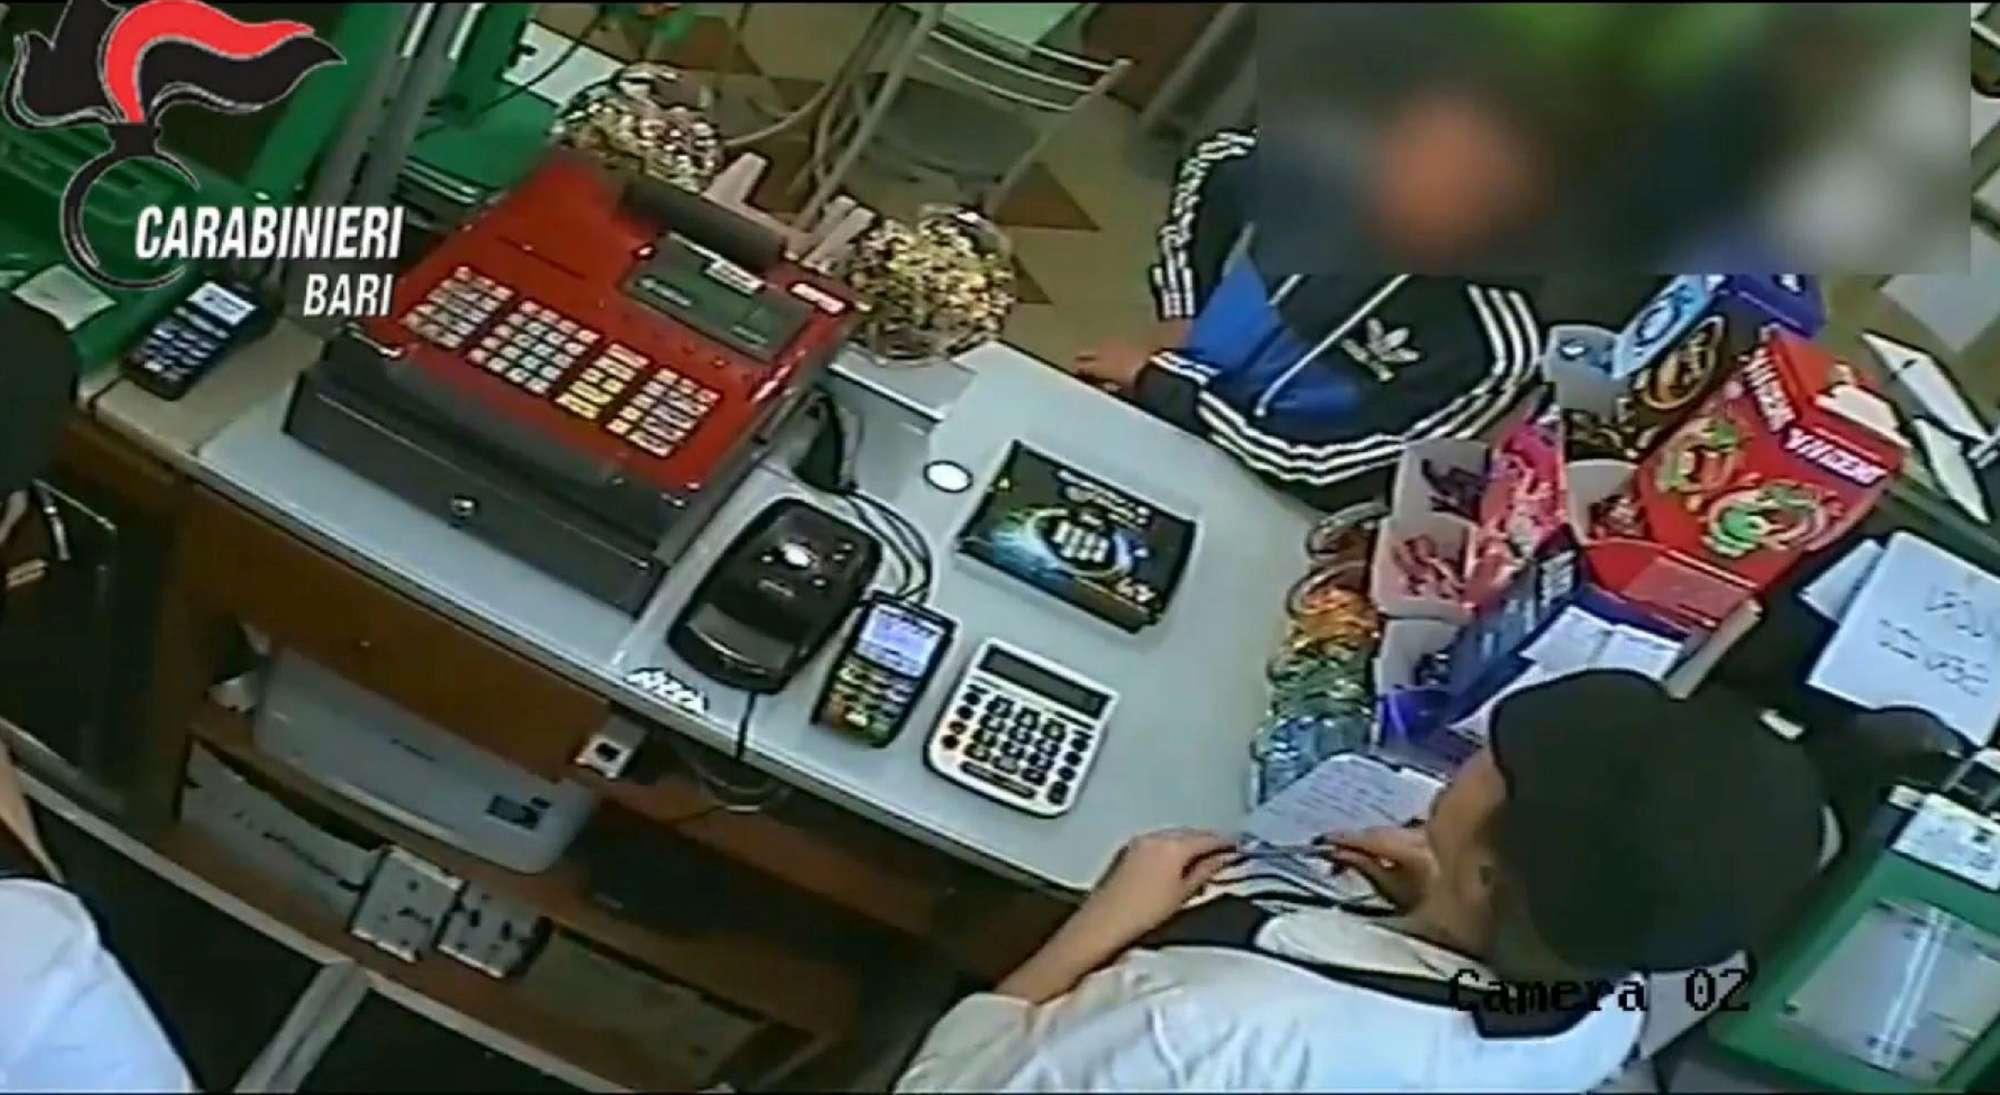 Monopoli, le immagini dei due minorenni accusati di aver ucciso un anziano